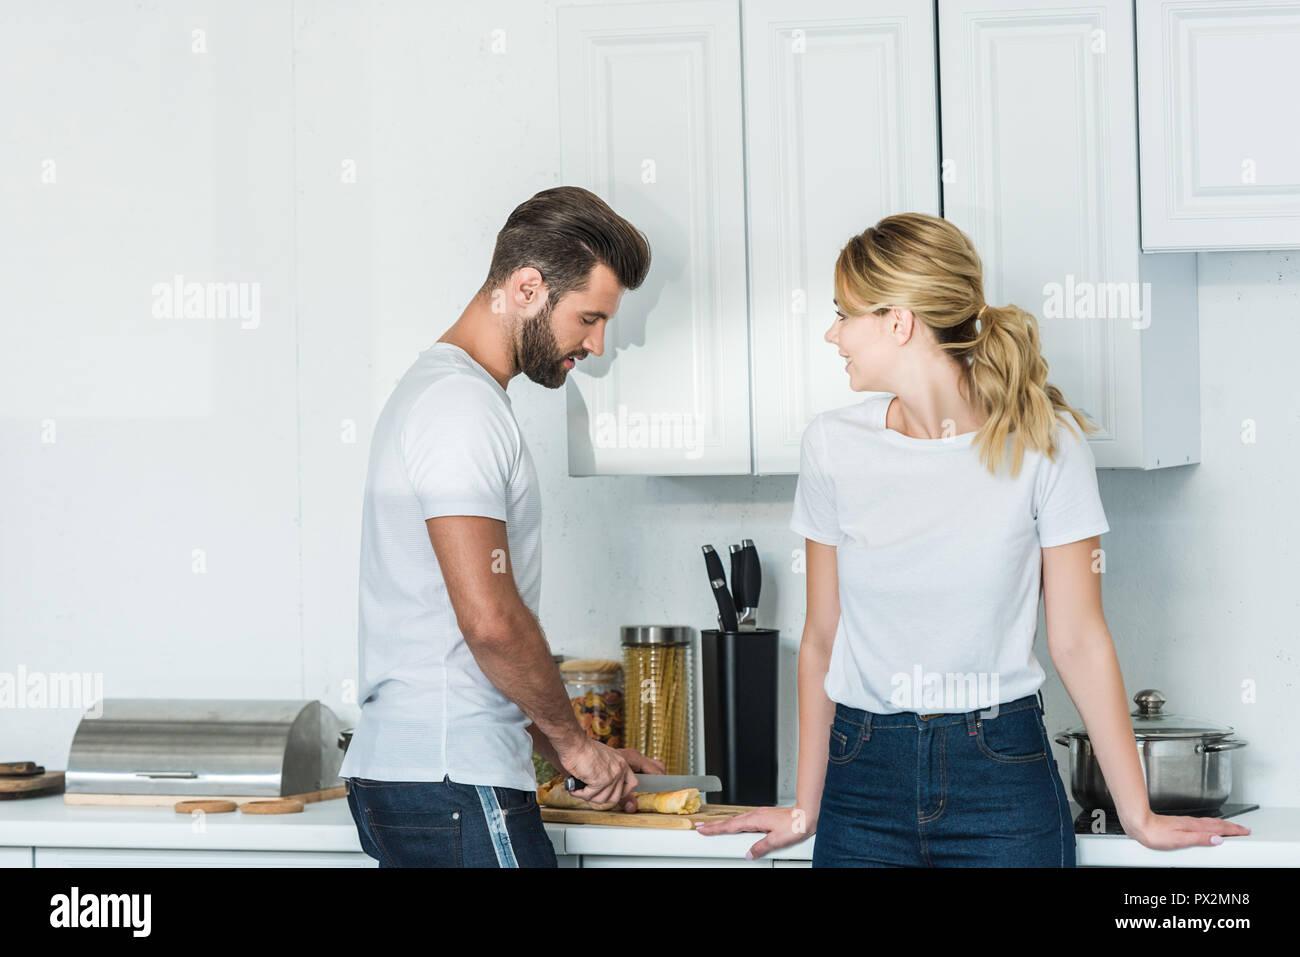 Schöne junge Frau an Freund schneiden Baguette in der Küche auf der Suche Stockbild